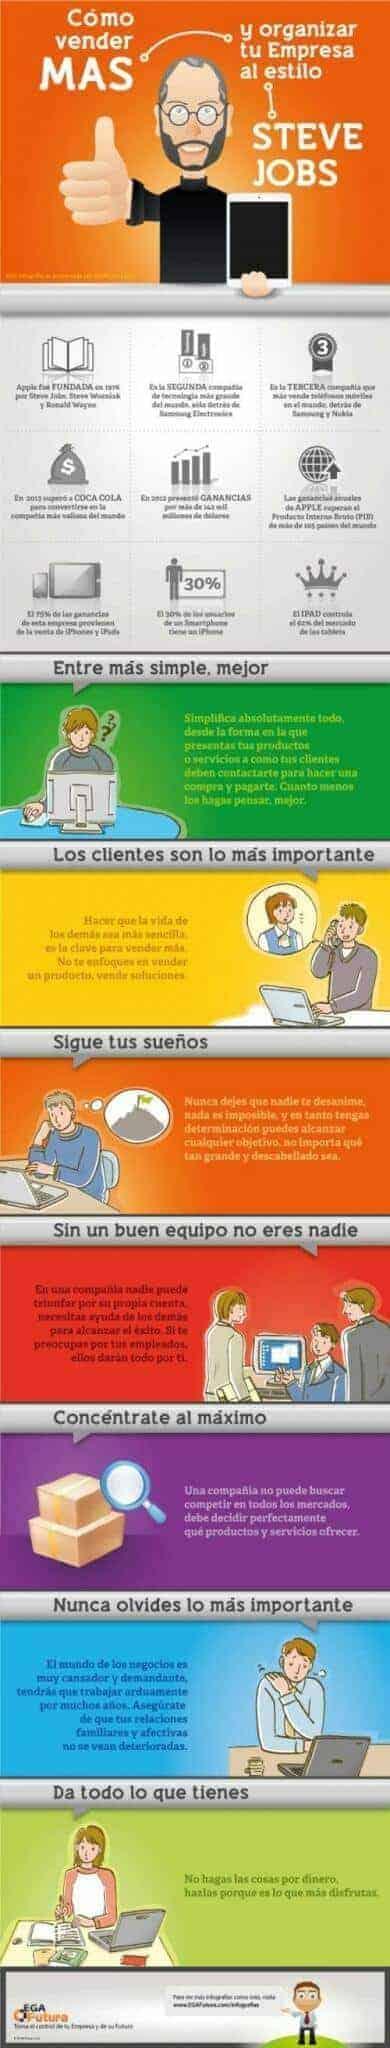 vender-mas-lecciones-steve-jobs-infografia